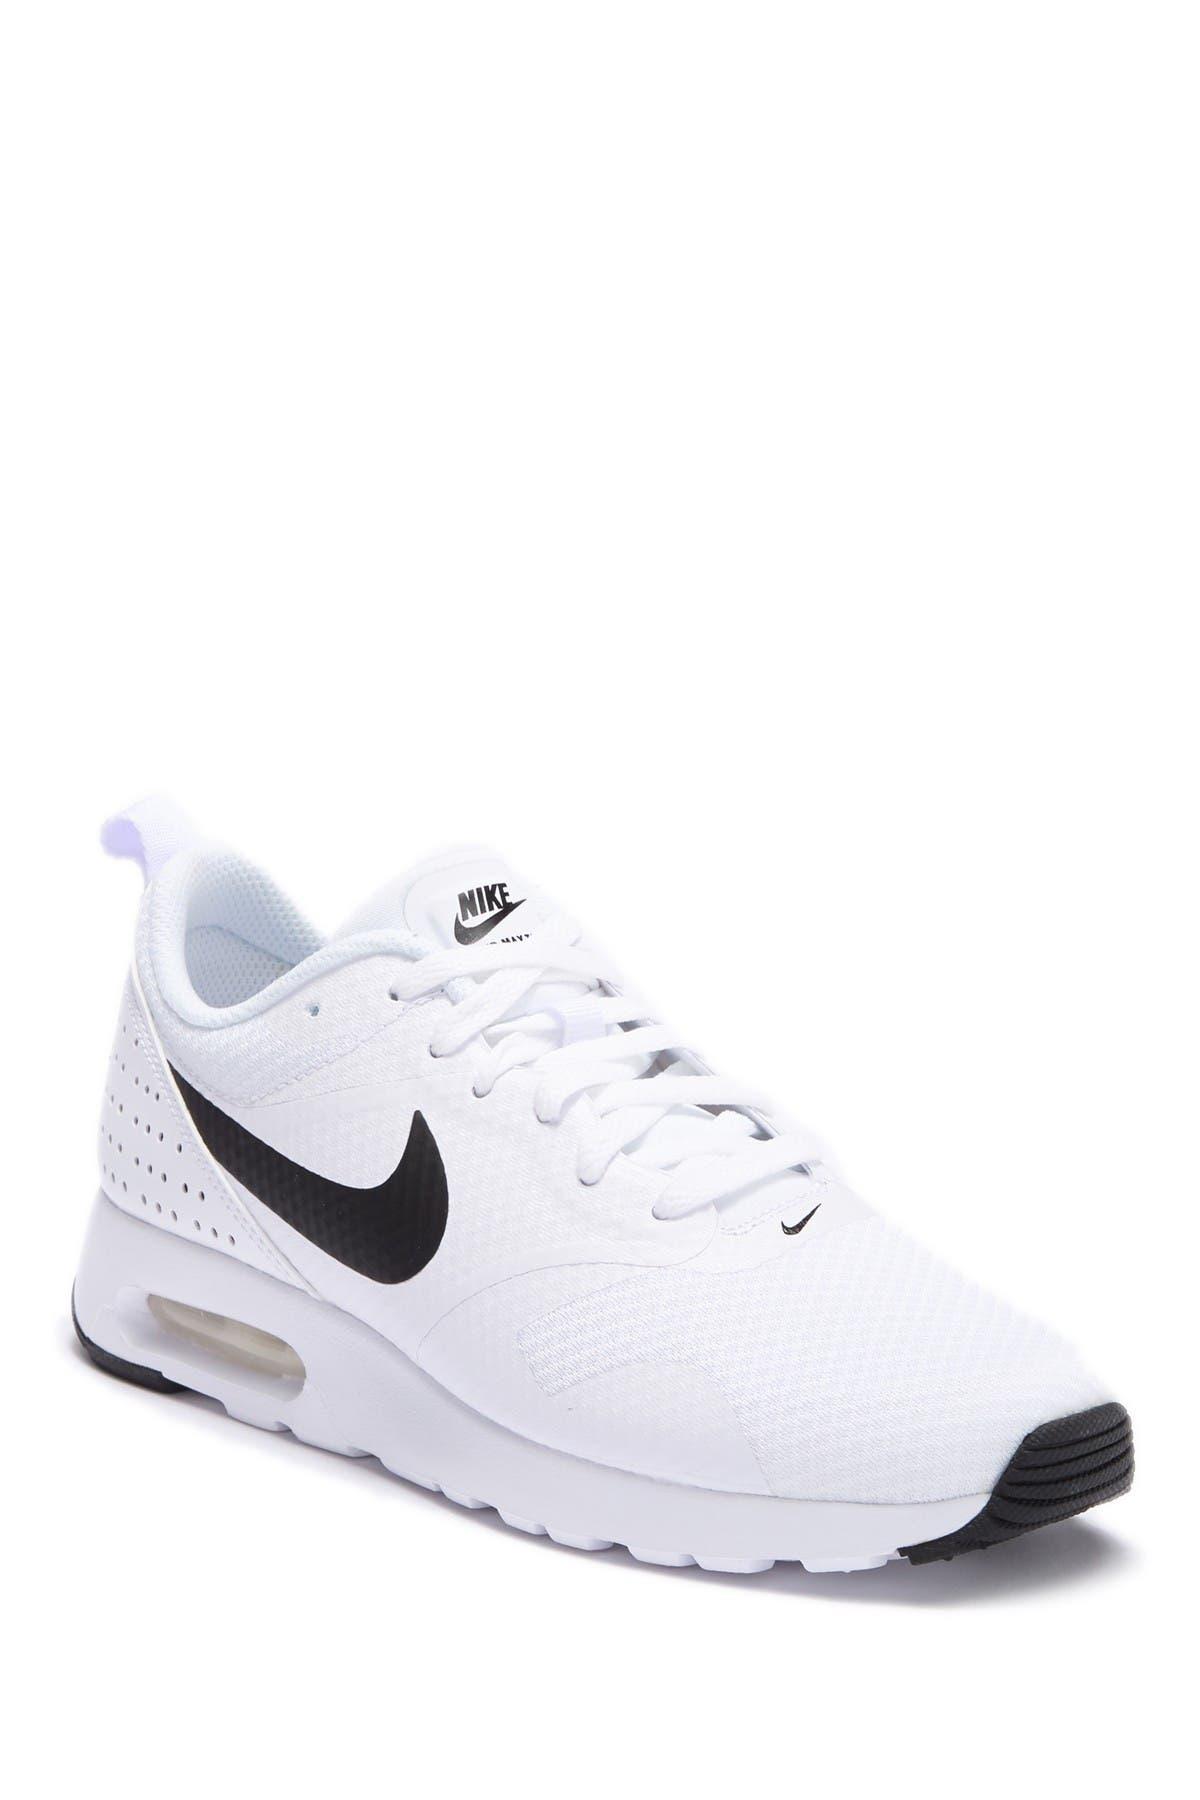 Nike | Air Max Tavas Sneaker